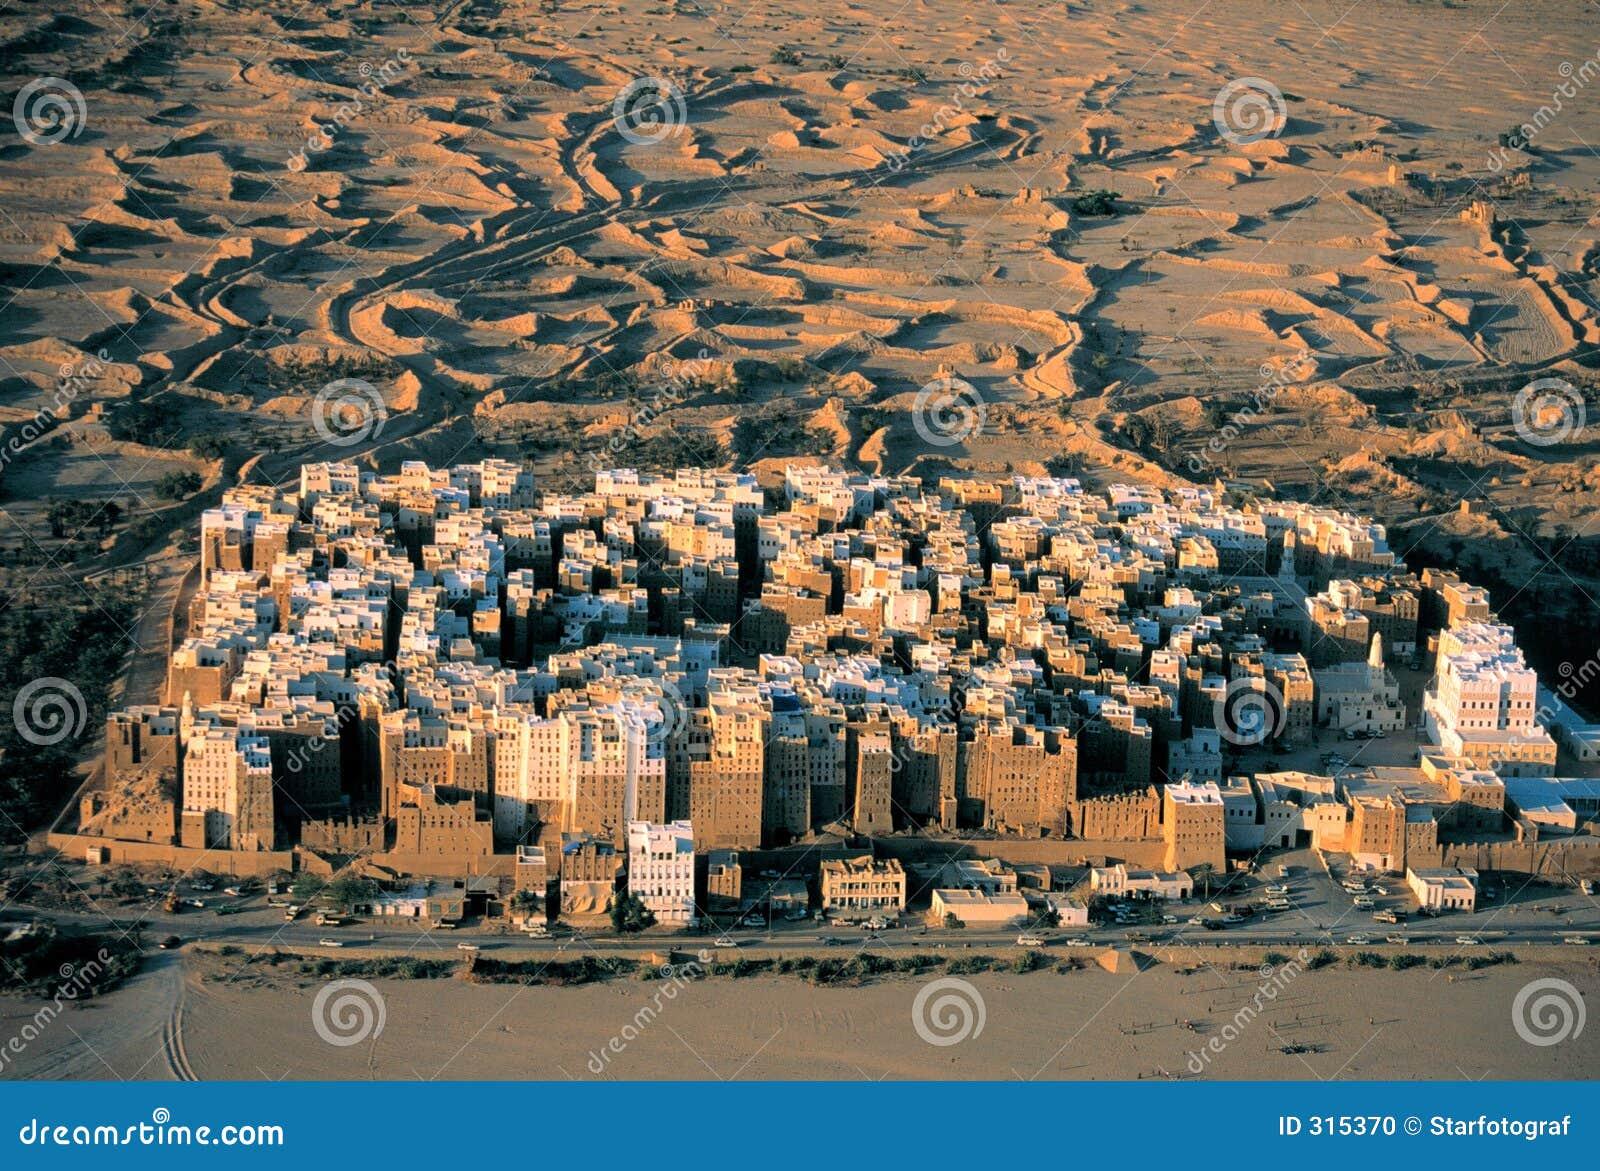 Settlement in the desert, bird's eye view, grainy film scan.